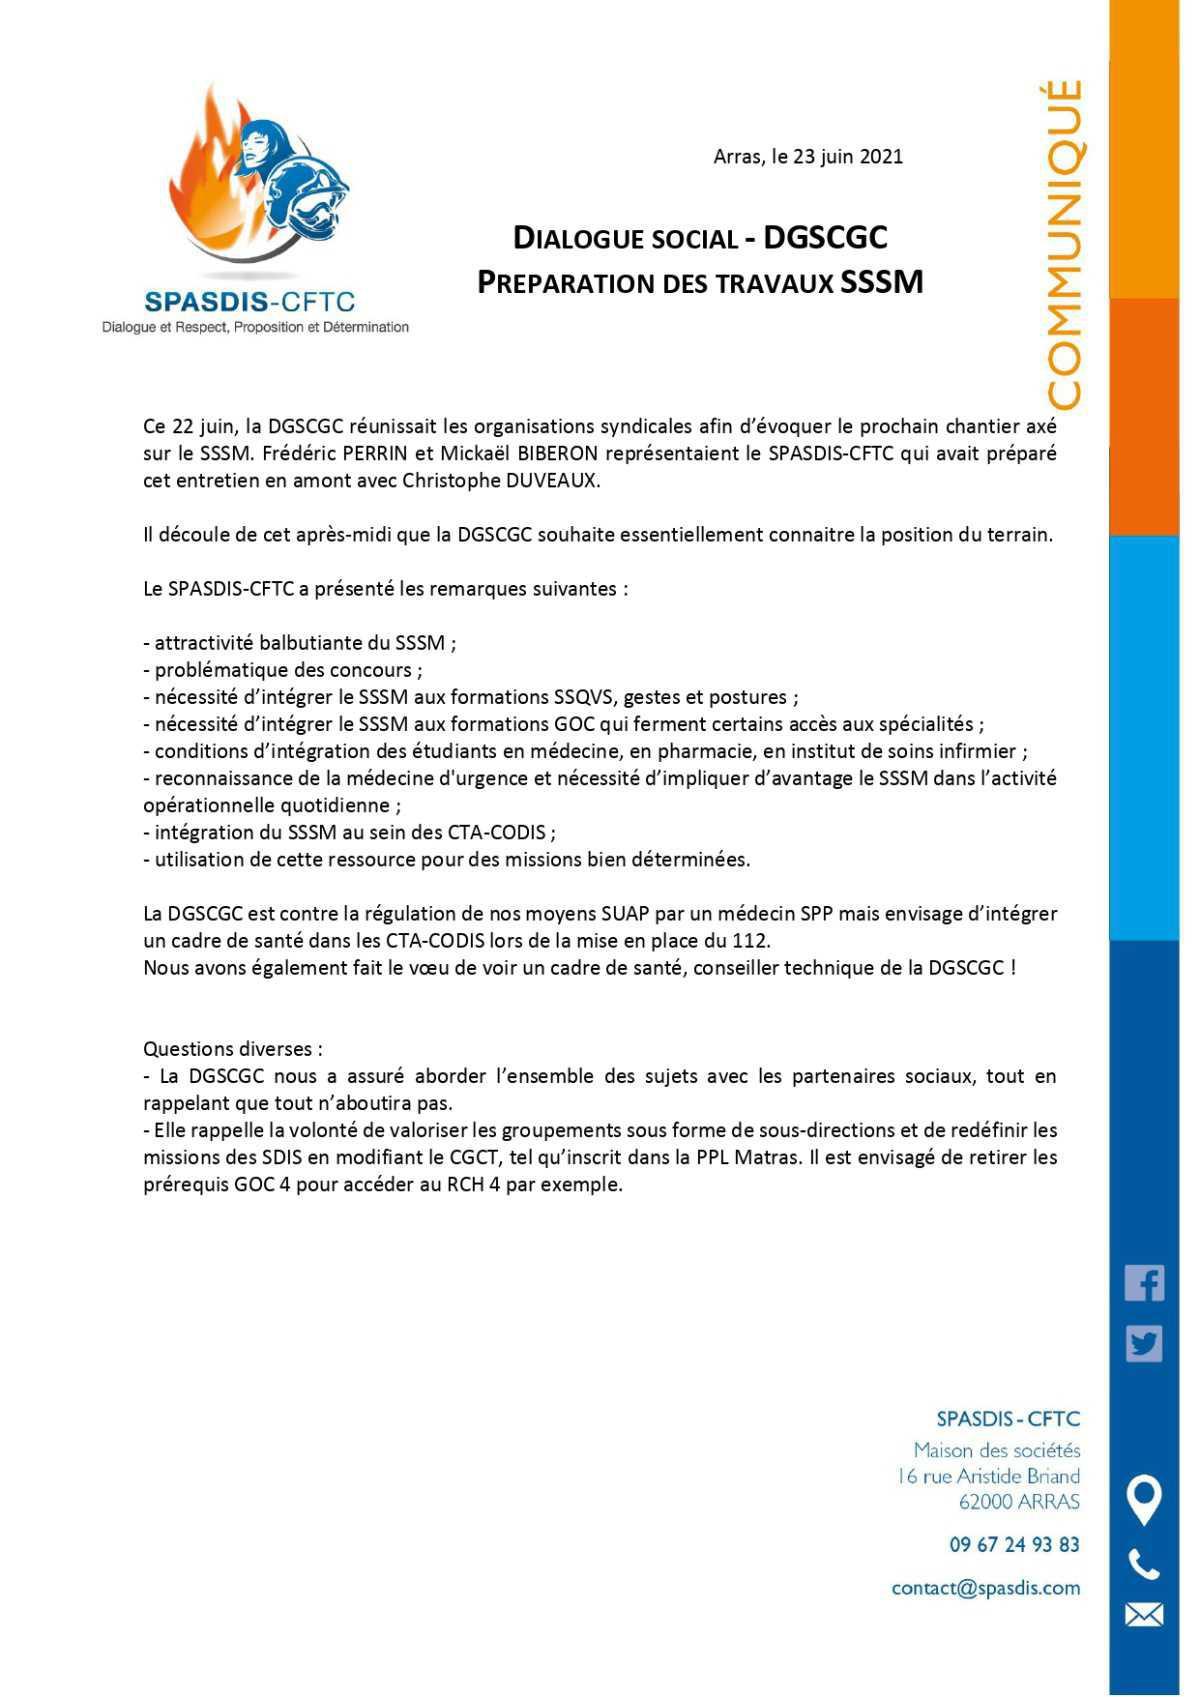 Travaux préparatoires SSSM